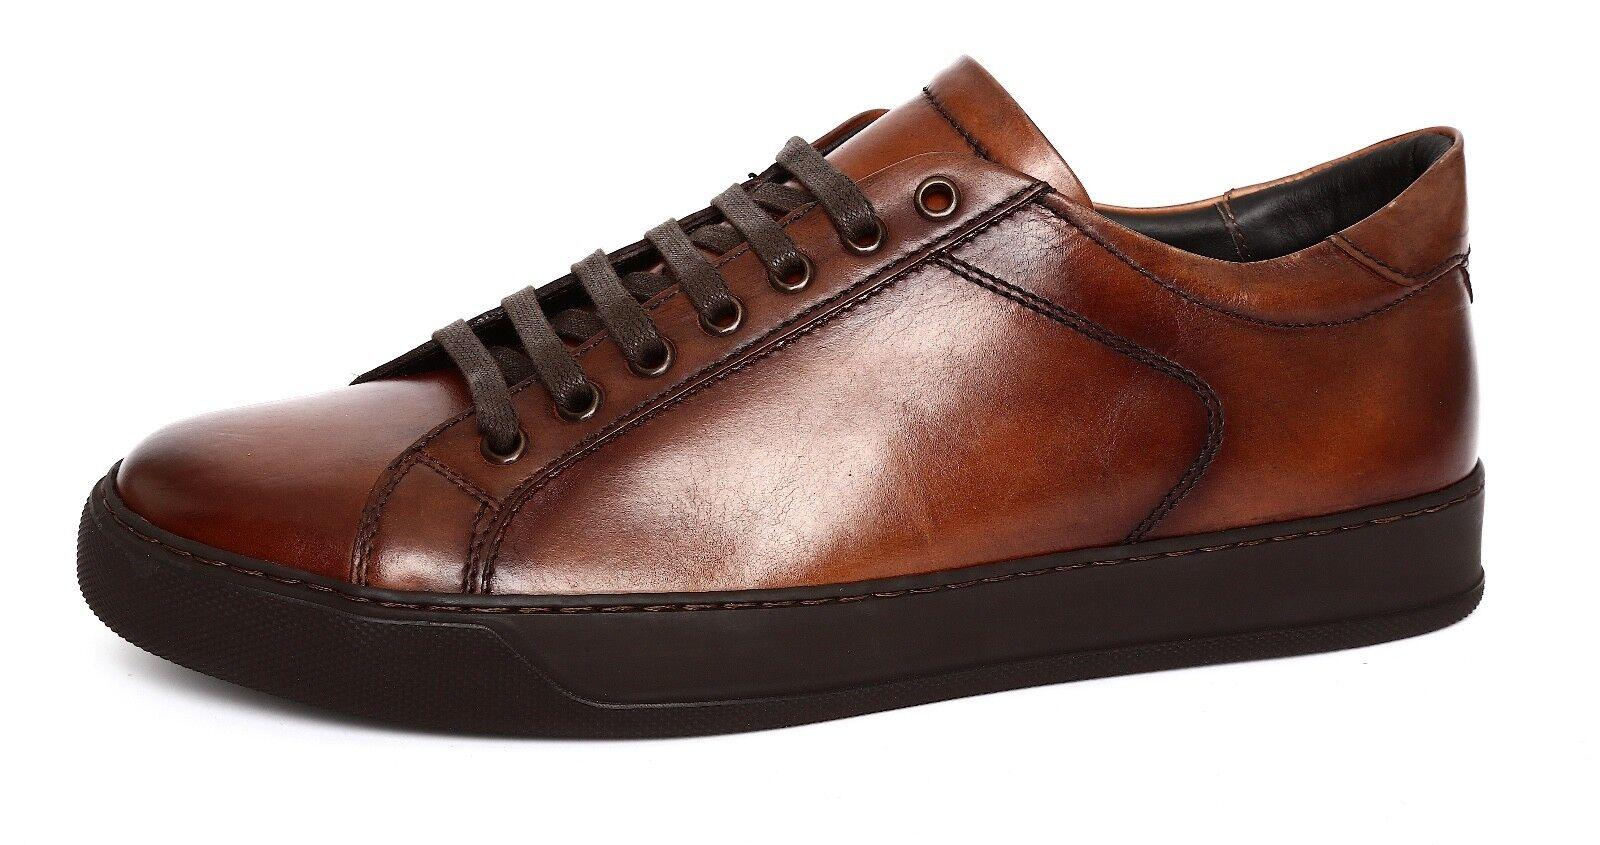 comprare a buon mercato To avvio New York Konrad Uomo Marrone Marrone Marrone scarpe da ginnastica Sz 10 2627  vendita calda online